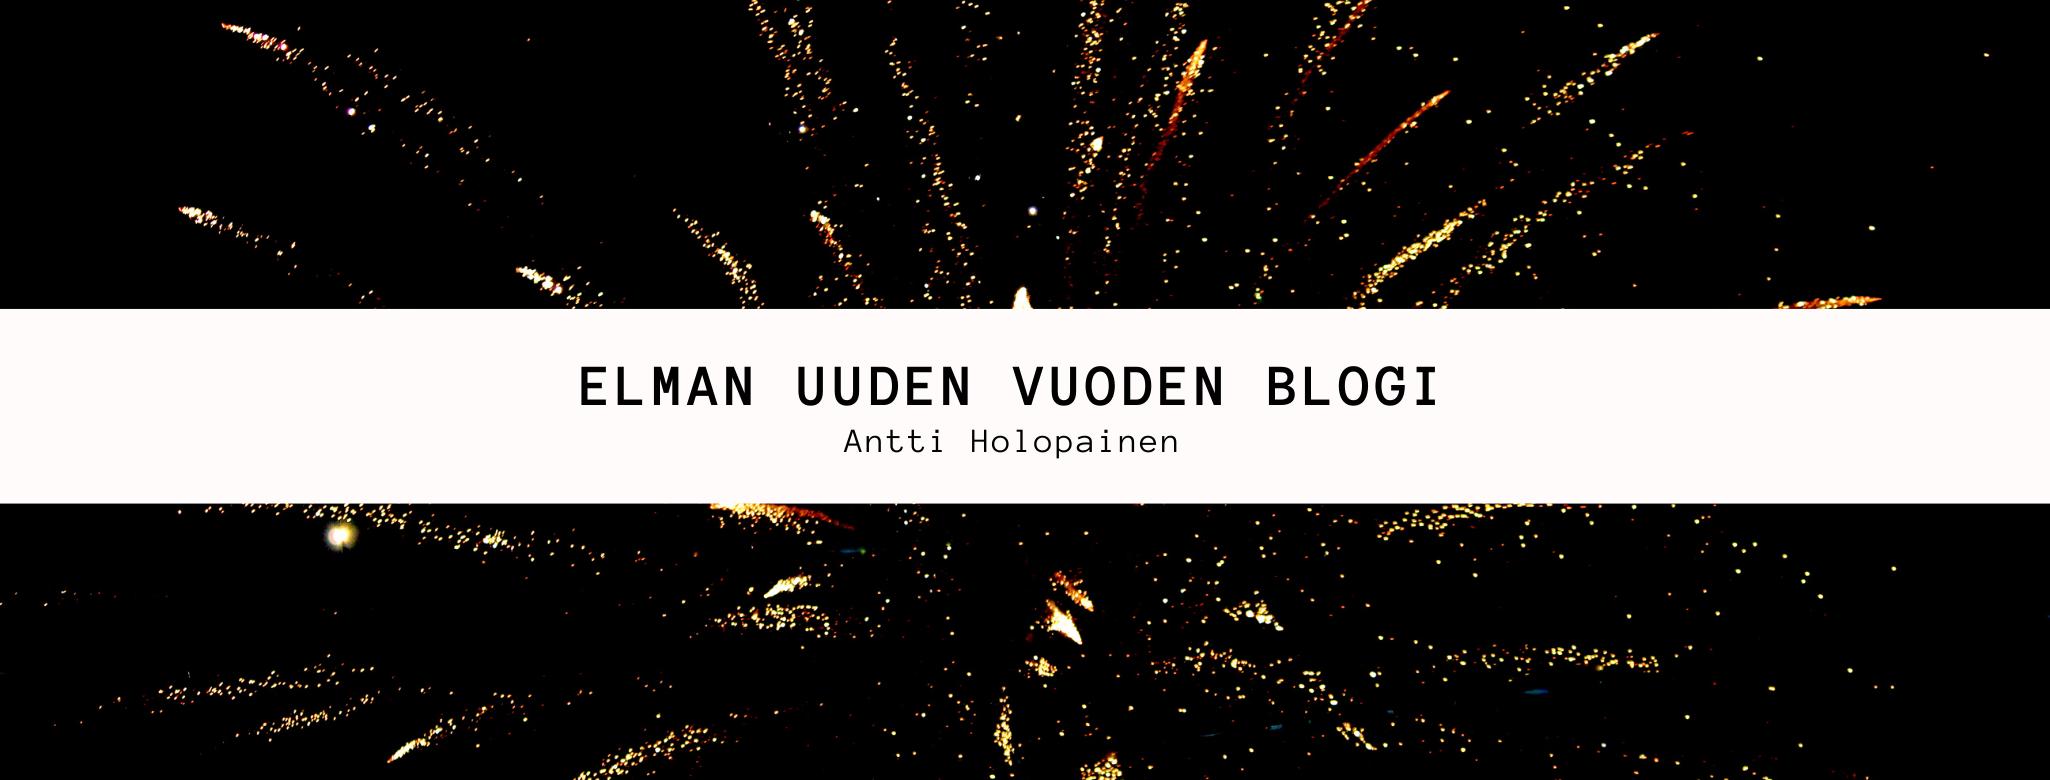 Elman Uuden Vuoden blogi